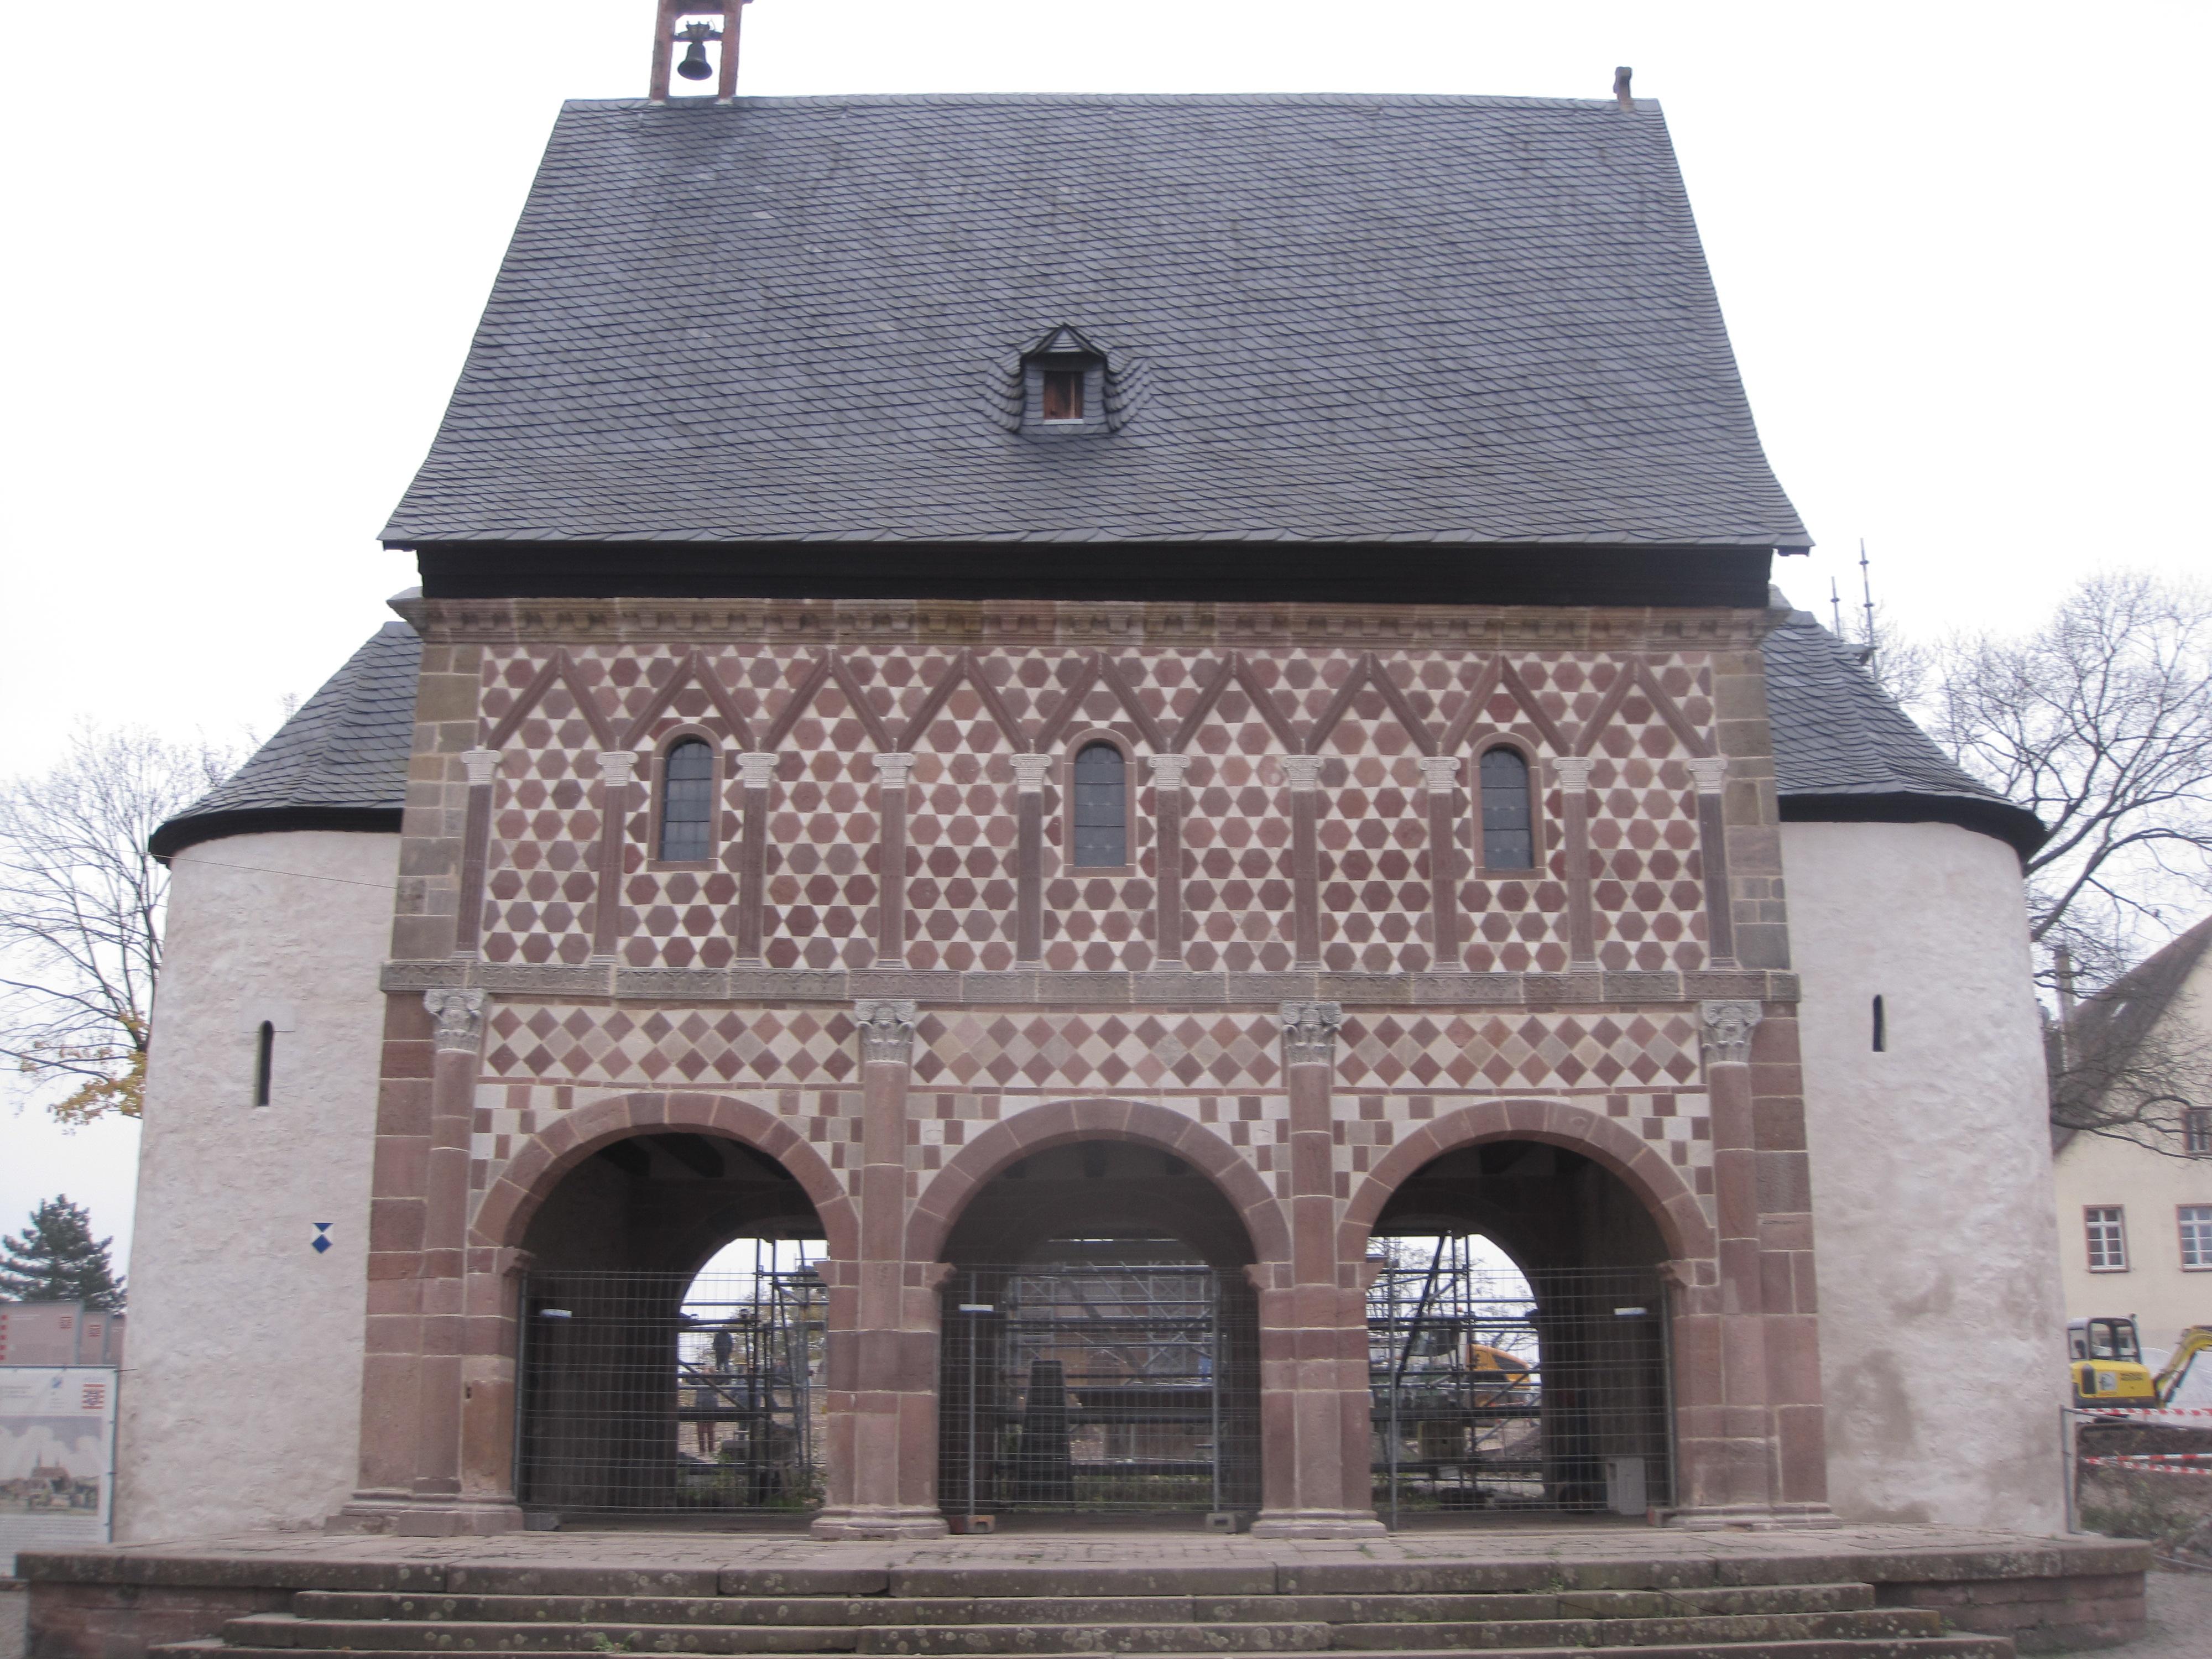 Die karolingische Torhalle in Lorsch – sichtbar, erlebbar, konsumierbar? › Denkmale › SciLogs - Wissenschaftsblogs